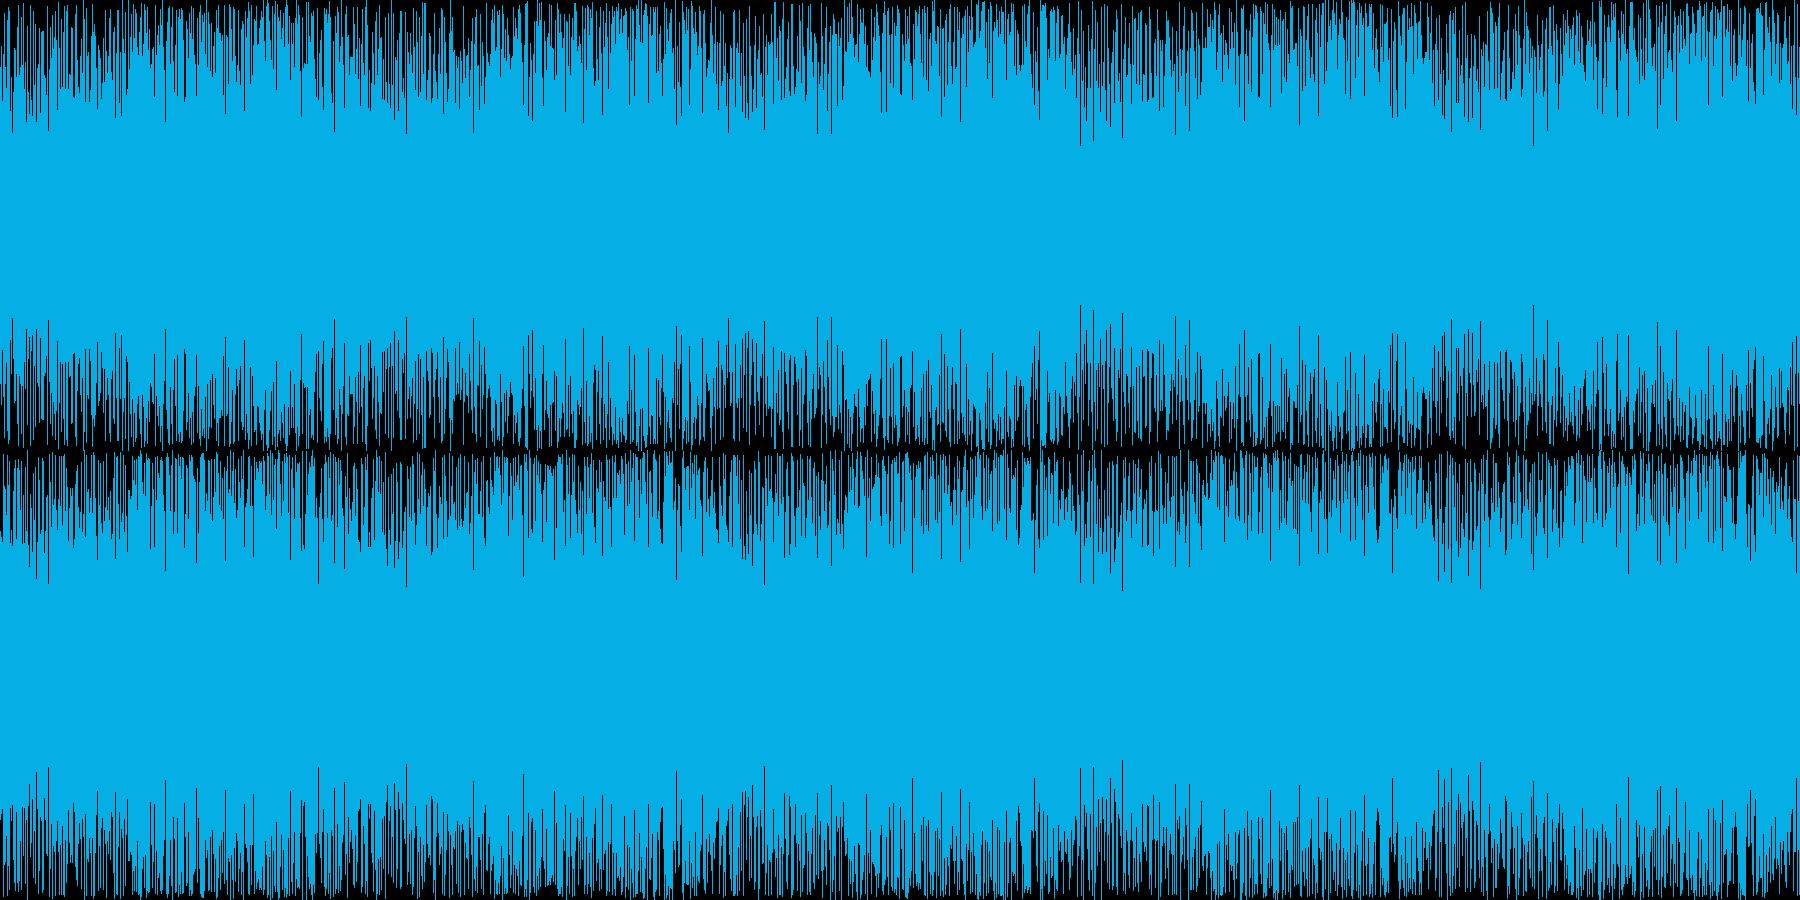 小川のせせらぎ(チョロチョロ・サラサラ)の再生済みの波形